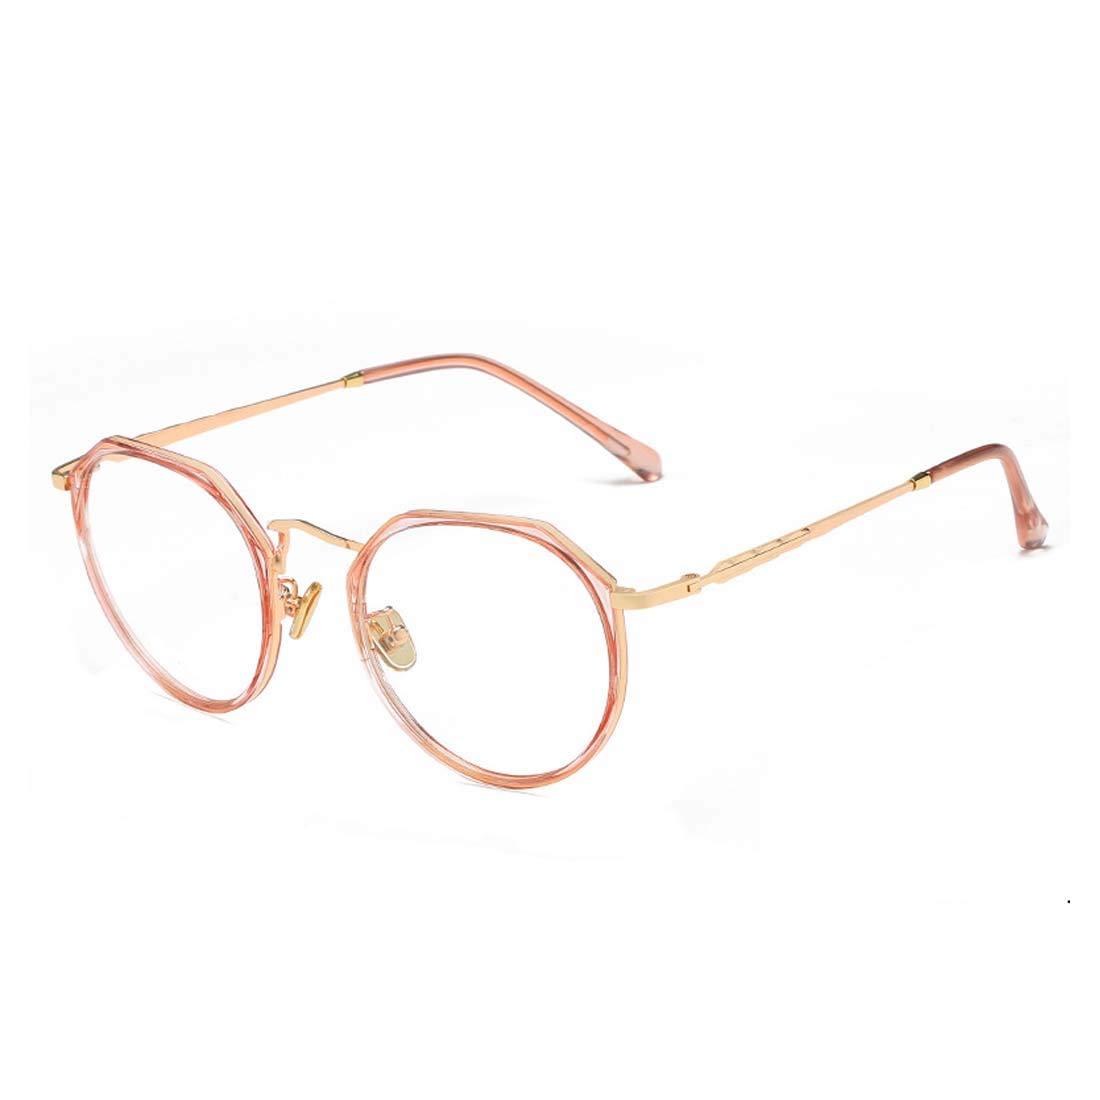 D.King Unisex Irregular Shortsighted Myopia Glasses Frame Retro Clear Lens Eyeglasses DK9156-1